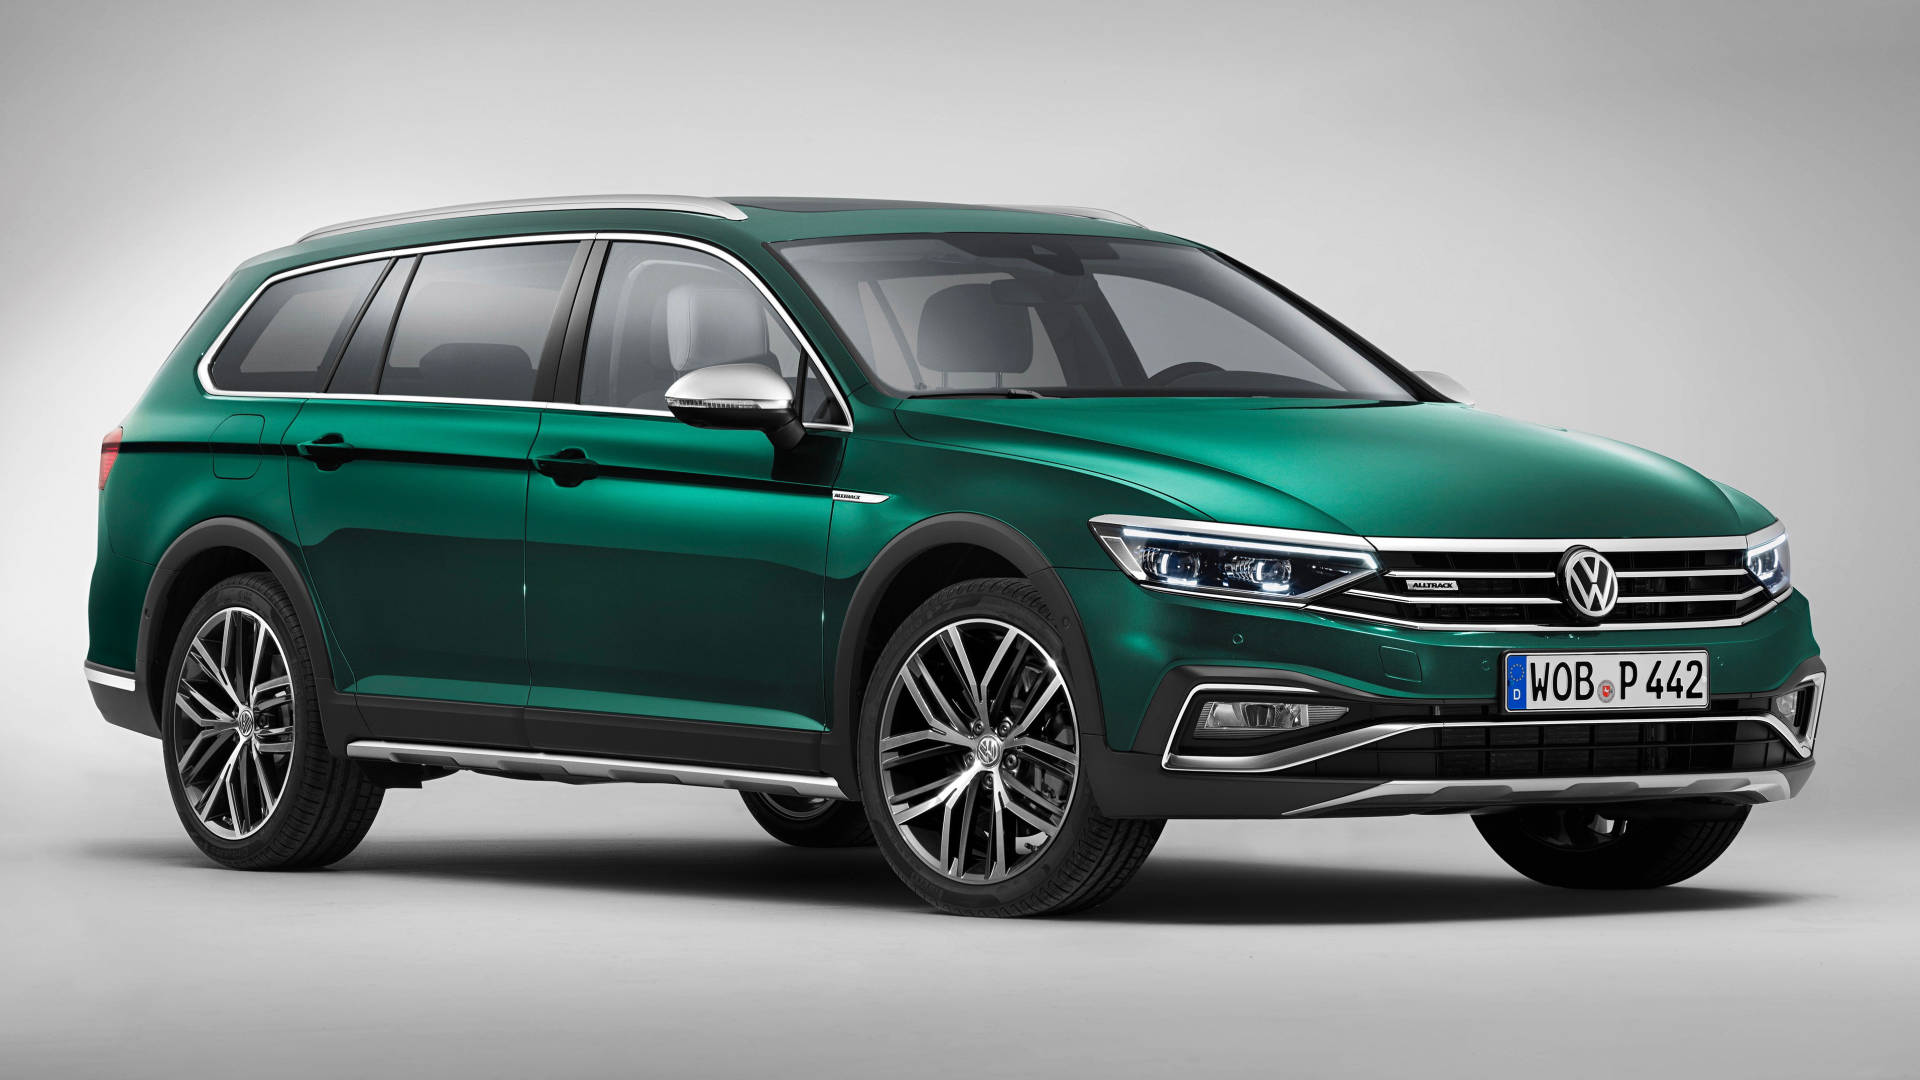 2020 Volkswagen Passat Alltrack green front 3/4